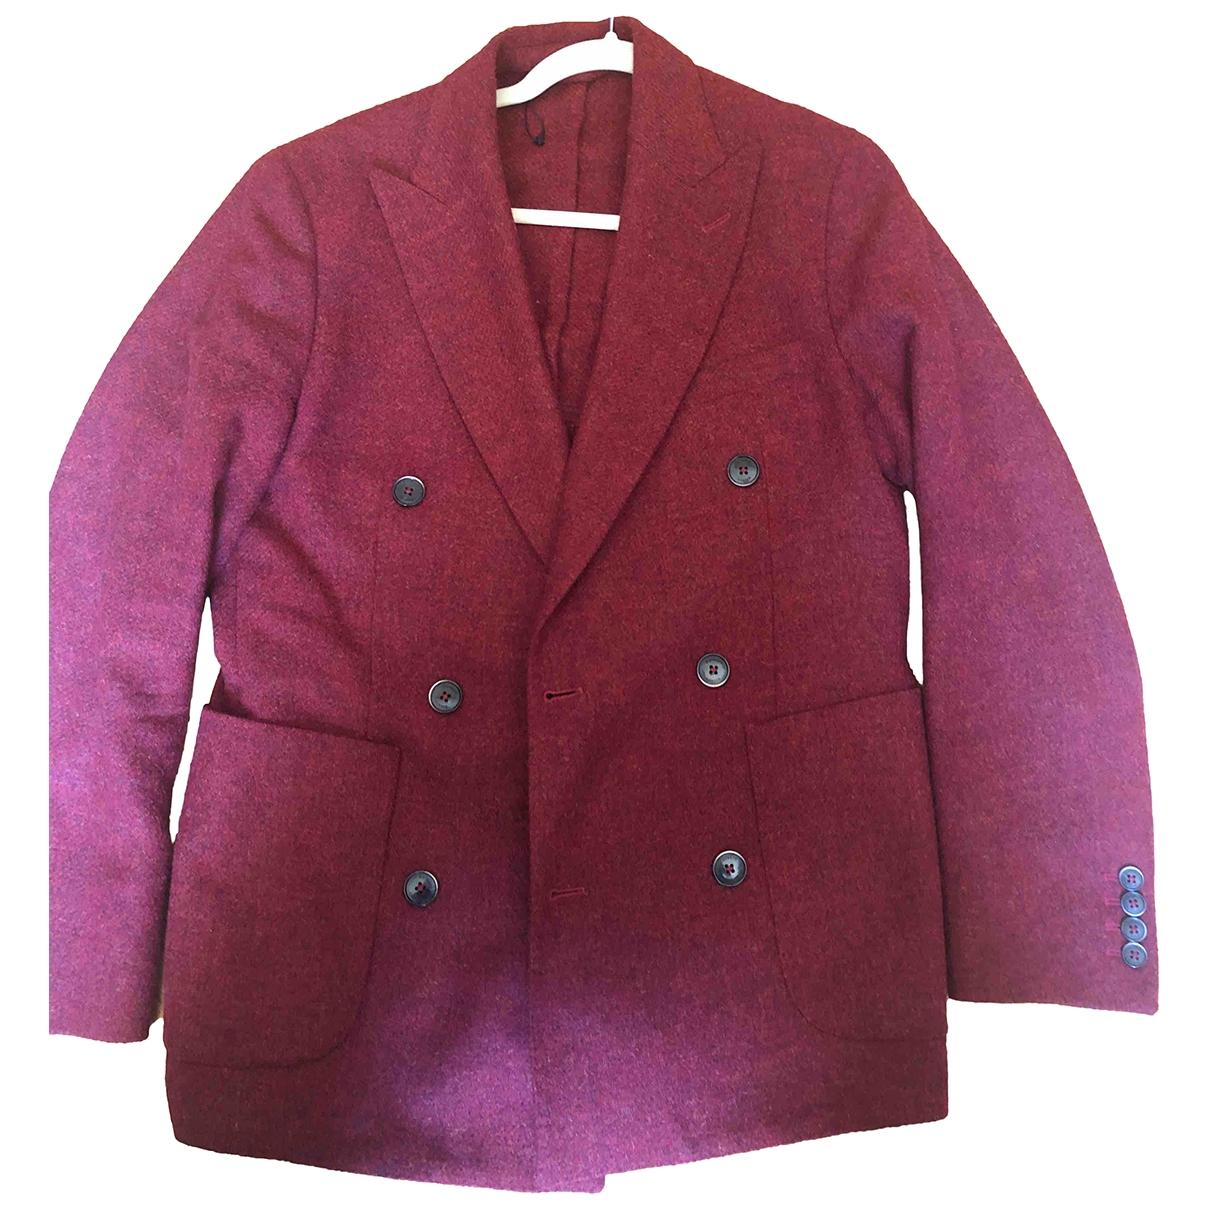 Hackett London - Vestes.Blousons   pour homme en laine - rouge